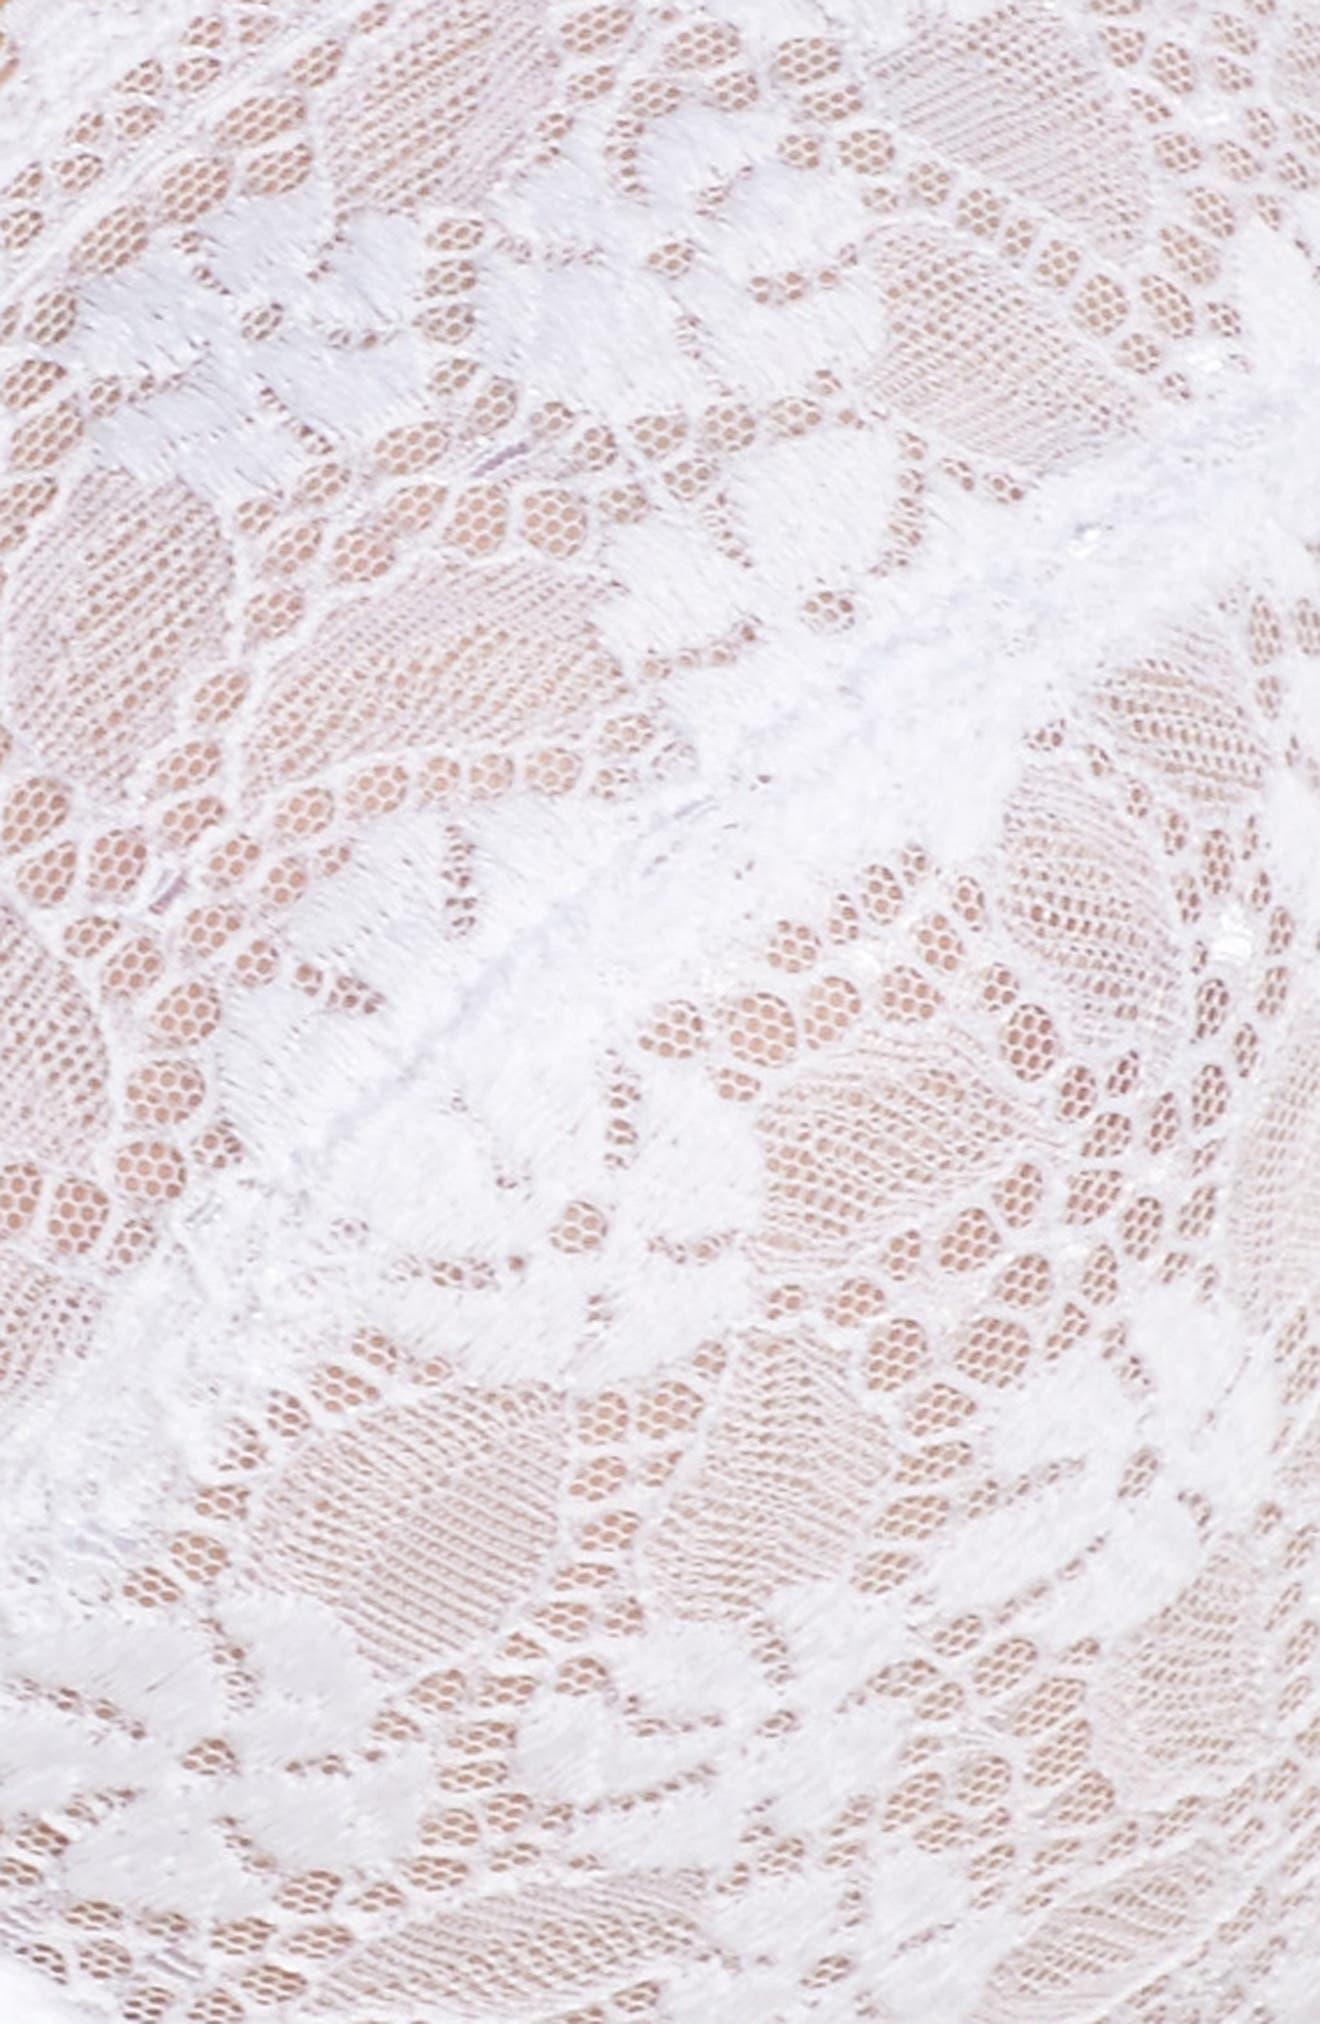 Batignolles Lace Underwire Bra,                             Alternate thumbnail 6, color,                             100